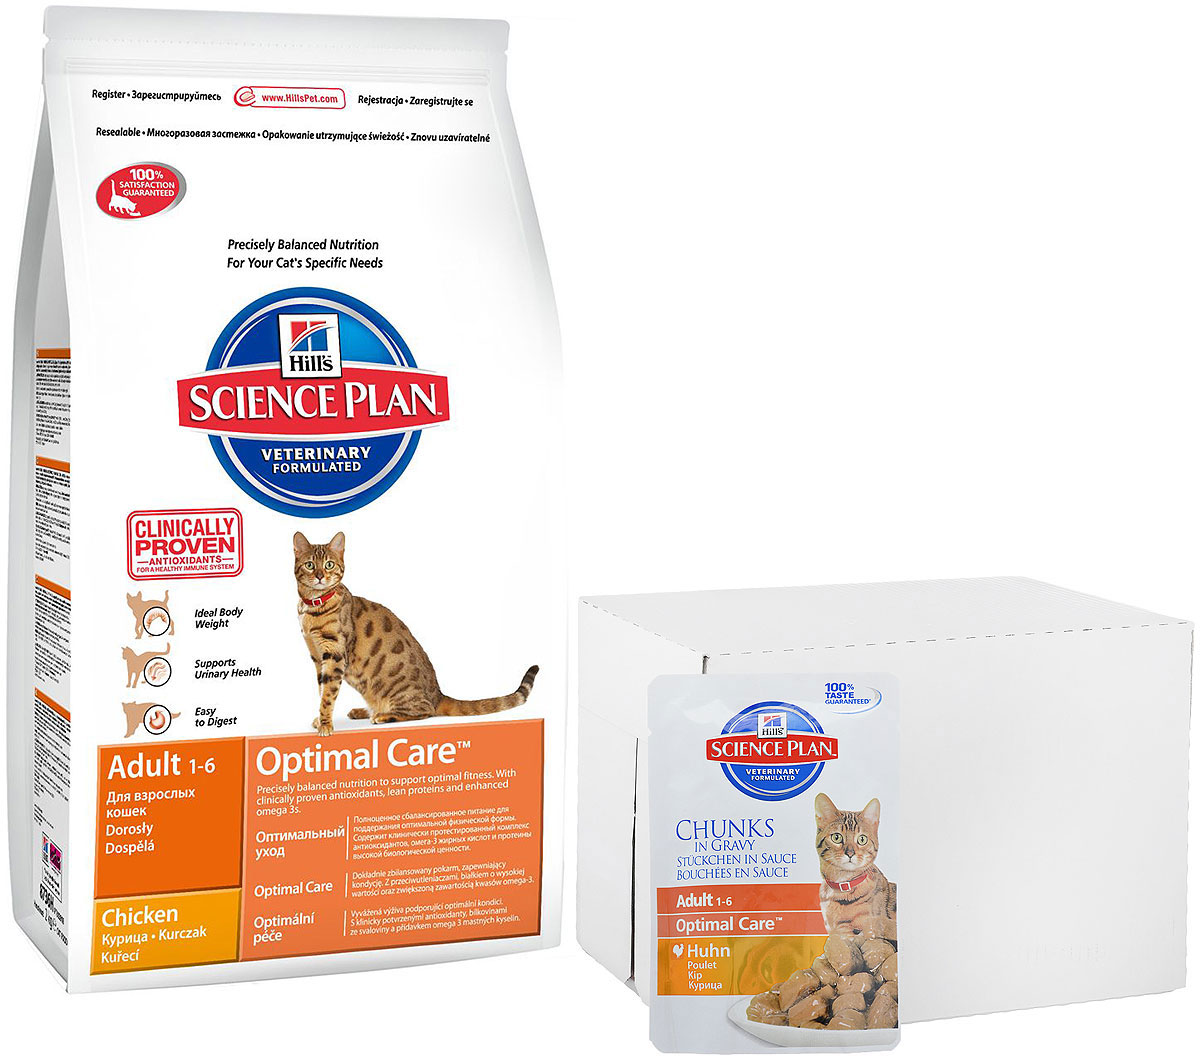 Корм сухой Hills Optimal Care, для взрослых кошек, курица, 10 кг + ПОДАРОК: Консервы для кошек Hills, курица, 85 г, 16 шт4296Hills Optimal Care - это полноценное, точно сбалансированное питание, приготовленное из ингредиентов высокого качества, без добавления красителей и консервантов. Каждый рацион Hills Optimal Care содержит эксклюзивный комплекс антиоксидантов с клинически подтвержденным эффектом для поддержки иммунной системы вашего питомца.Если вы решили перевести вашу кошку на рацион Hills Optimal Care, это необходимо сделать постепенно в течение 7 дней. Смешивайте прежний корм с новым, постоянно увеличивая долю последнего до полного перехода на Hills Optimal Care. Тогда ваш питомец сможет в полной мере насладиться вкусом и преимуществами превосходного питания, которое обеспечивает рацион Hills Optimal Care.Корм рекомендуется:- Кошкам в возрасте от 1 до 6 лет.Не рекомендуется:- Котятам.- Беременным и кормящим кошкам.Ключевые преимущества:- Высокая энергетическая ценность удовлетворяет потребность животного в энергии без необходимости скармливать большие порции.- Контролируемое содержание протеинов и натрия - точный баланс нутриентов для крепкого здоровья (не допускает избытка нутриентов, который может навредить здоровью).- Контролируемое содержание магния и фосфора поддерживает здоровье мочевыводящих путей.- Комплекс антиоксидантов нейтрализует действие свободных радикалов и поддерживает иммунитет.- Превосходные вкусовые характеристики не оставят вашего питомца равнодушным.В подарок к корму Hills Optimal Care идут 16 паучей с консервами Hills.Состав: курица: мука из курицы (36%) и индейки (общее содержание муки из мяса домашней птицы 56%), пшеница, кукуруза, мука из кукурузного глютена, размолотый рис, гидролизат белка, минералы, высушенная мякоть сахарной свеклы, рыбий жир, DL-метионин, таурин, витамины, L-лизина гидрохлорид, микроэлементы и бета-каротин. Натуральные консерванты из смеси токоферолов и лимонной кислоты.Гарантированный анализ: протеин 33,0 %, ж